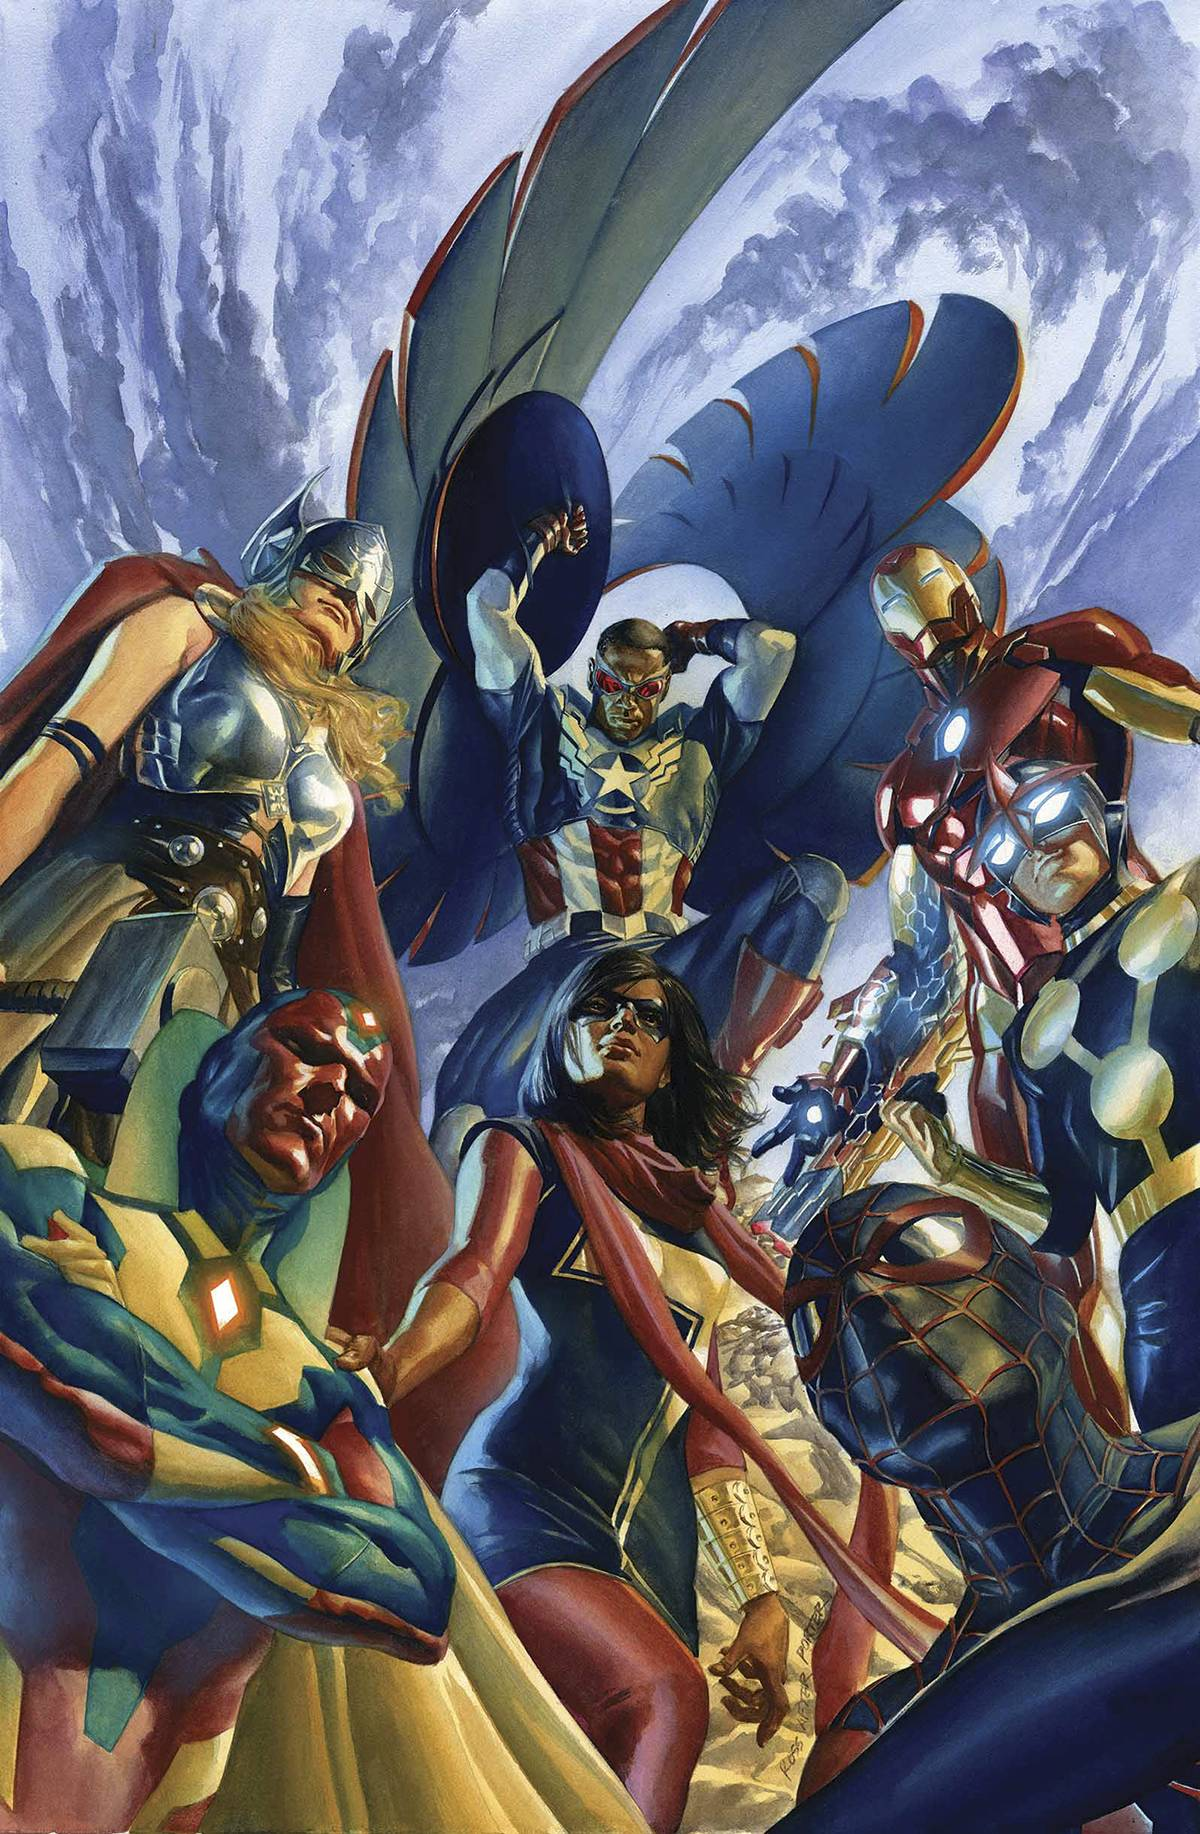 All New Avengers #1